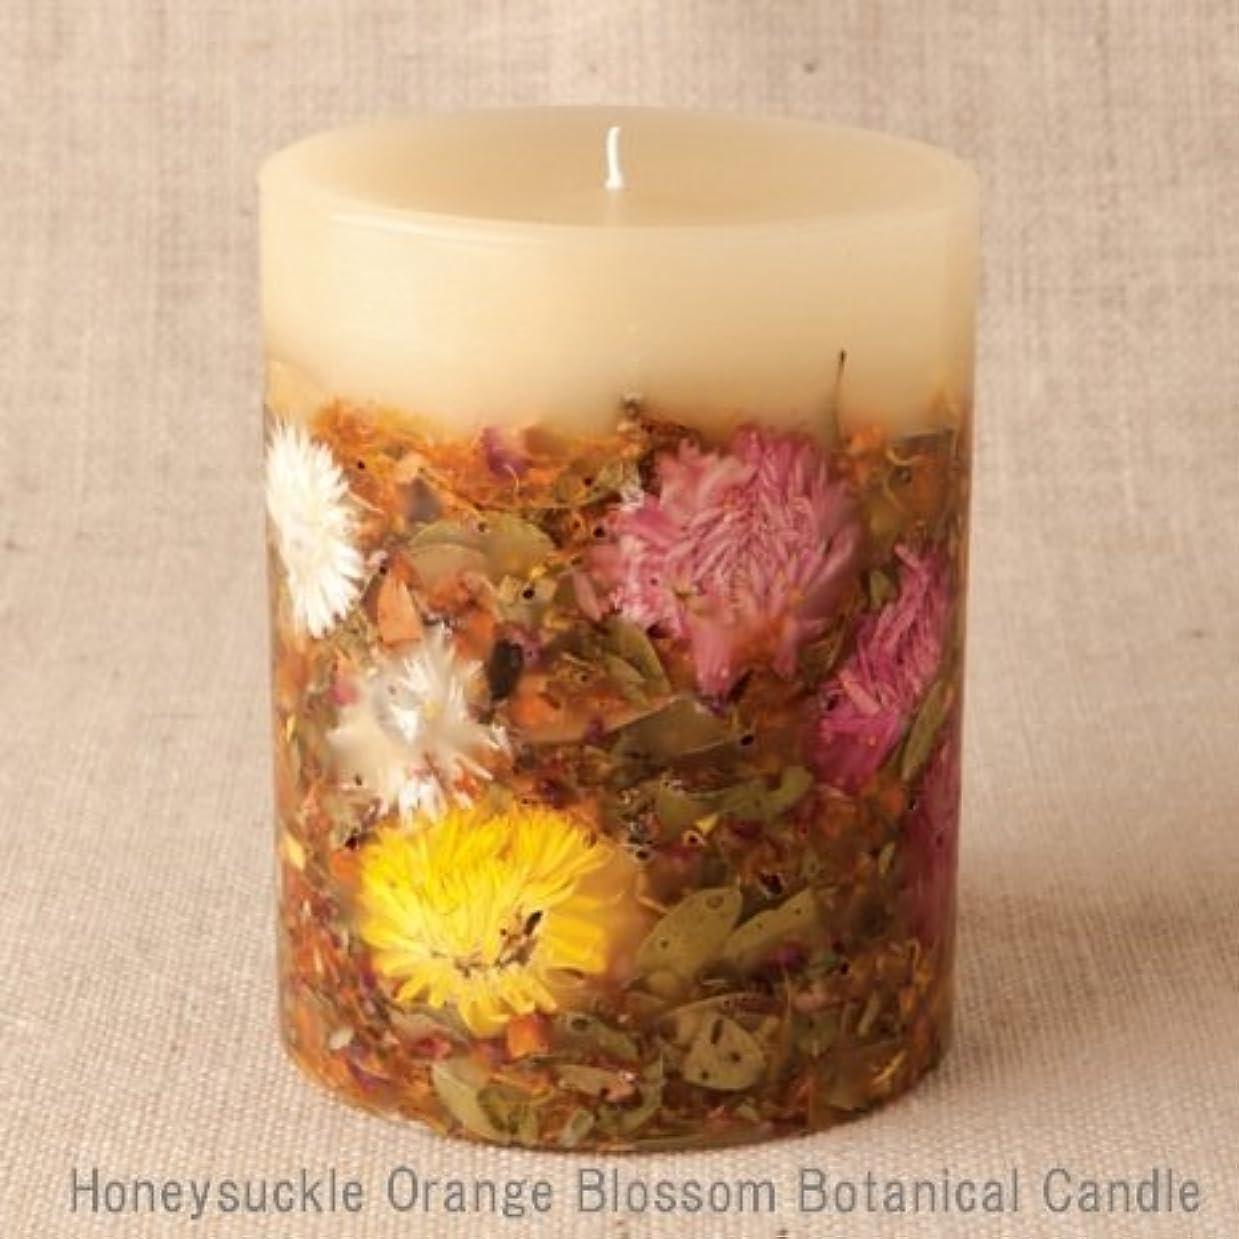 申し立てる穴現像【Rosy Rings ロージーリングス】 Botanical candle キャンドル ハニーサックルオレンジ&ブロッサム